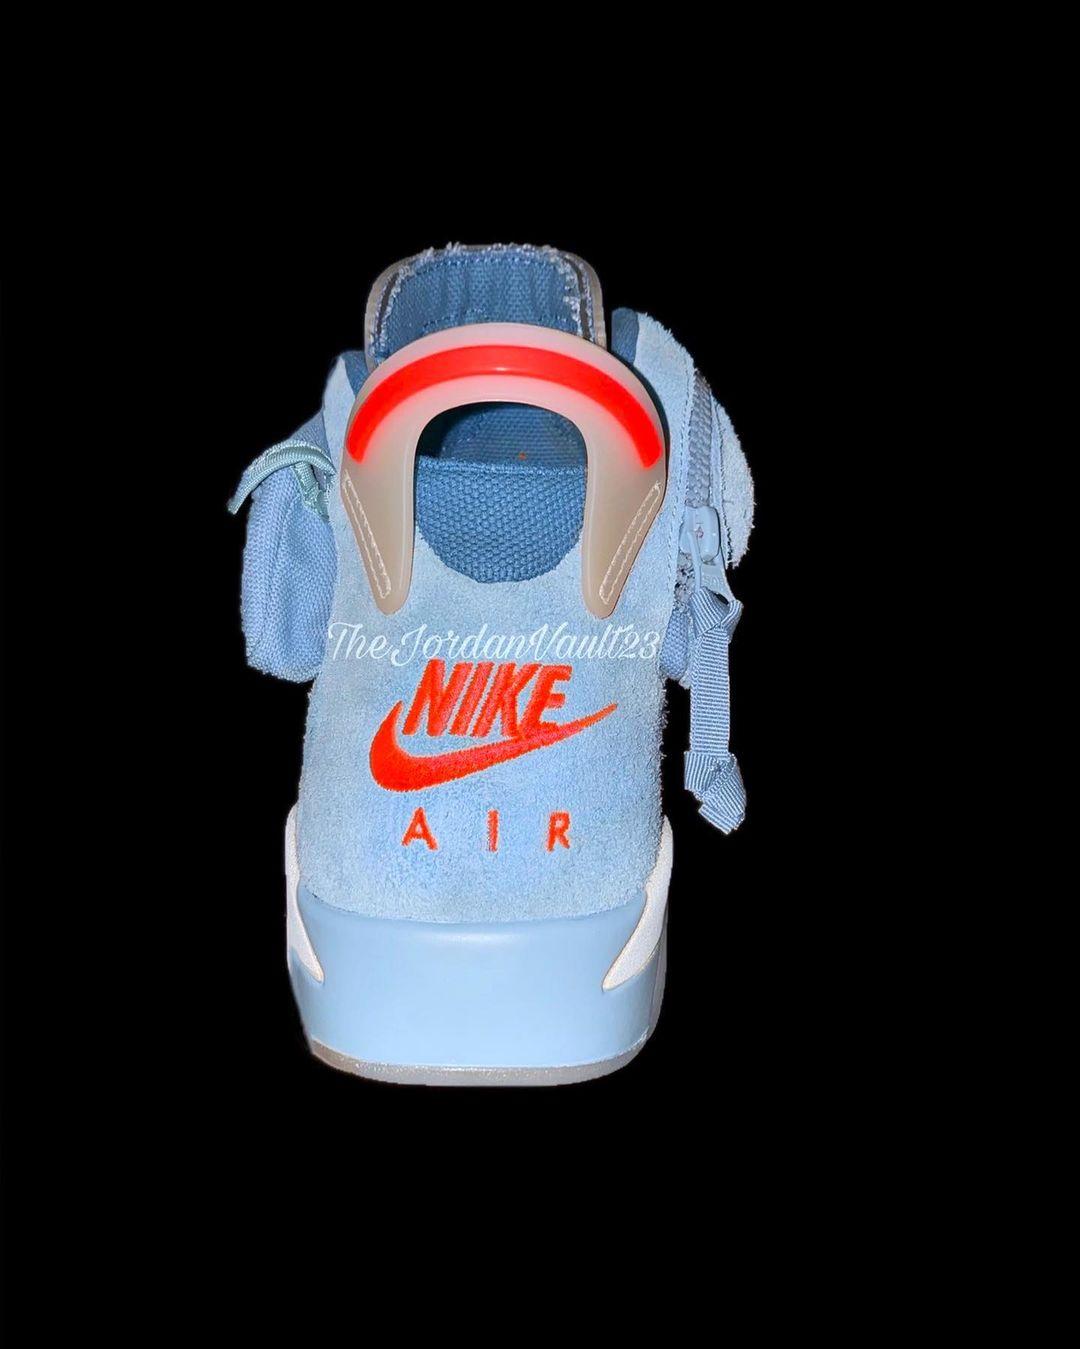 Travis Scott,Air Jordan 6,AJ6,  太美了!「双兜」TS x AJ6 新配色泄露!网友:一定要市售!